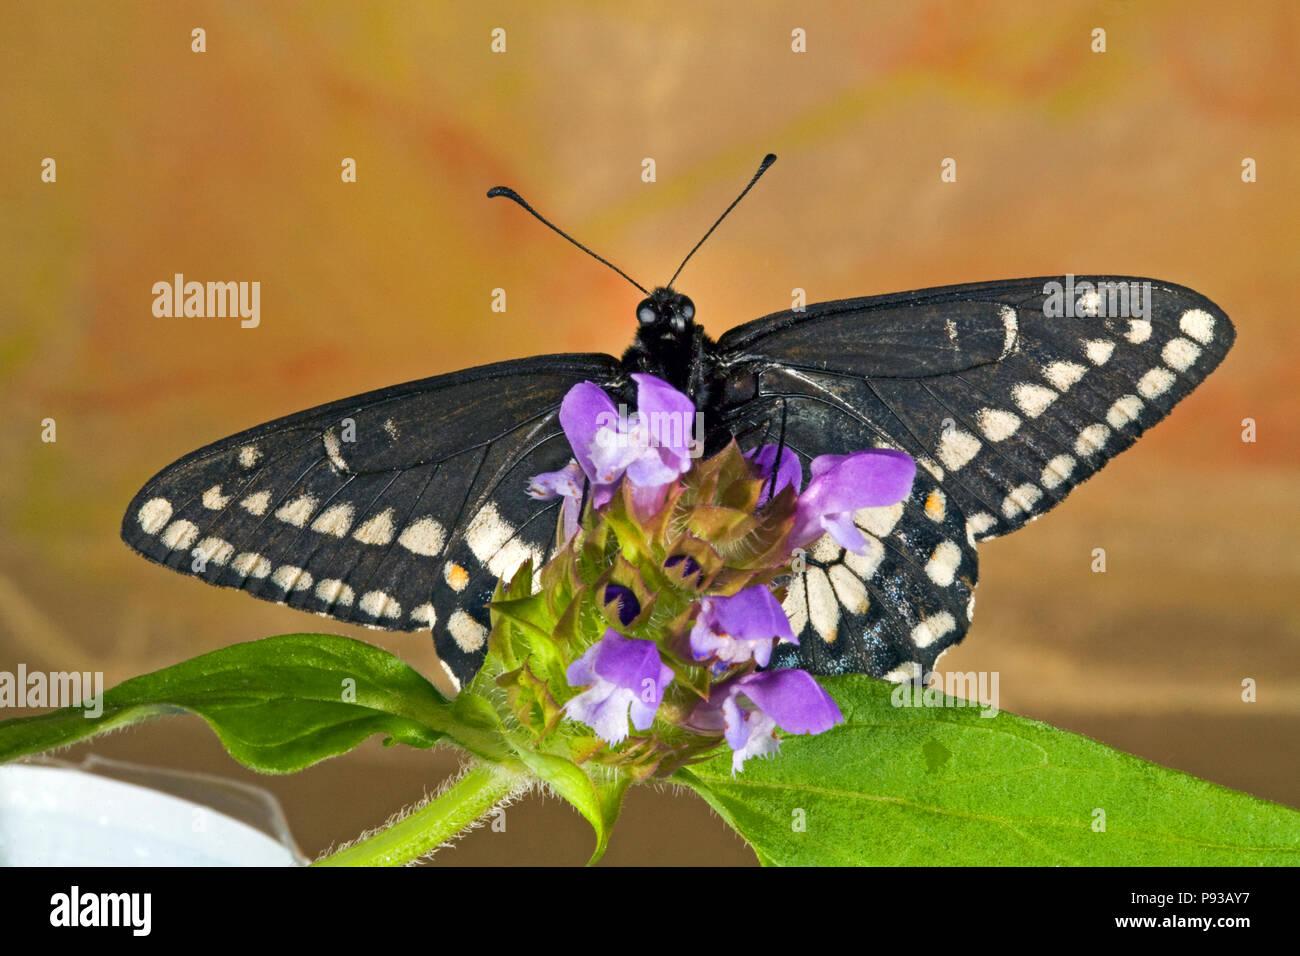 Vista ventral de una especie de Indra, mariposas Papilio Indra, sobre una flor silvestre en la zona oriental de Cascade Mountains de Oregon central. Imagen De Stock